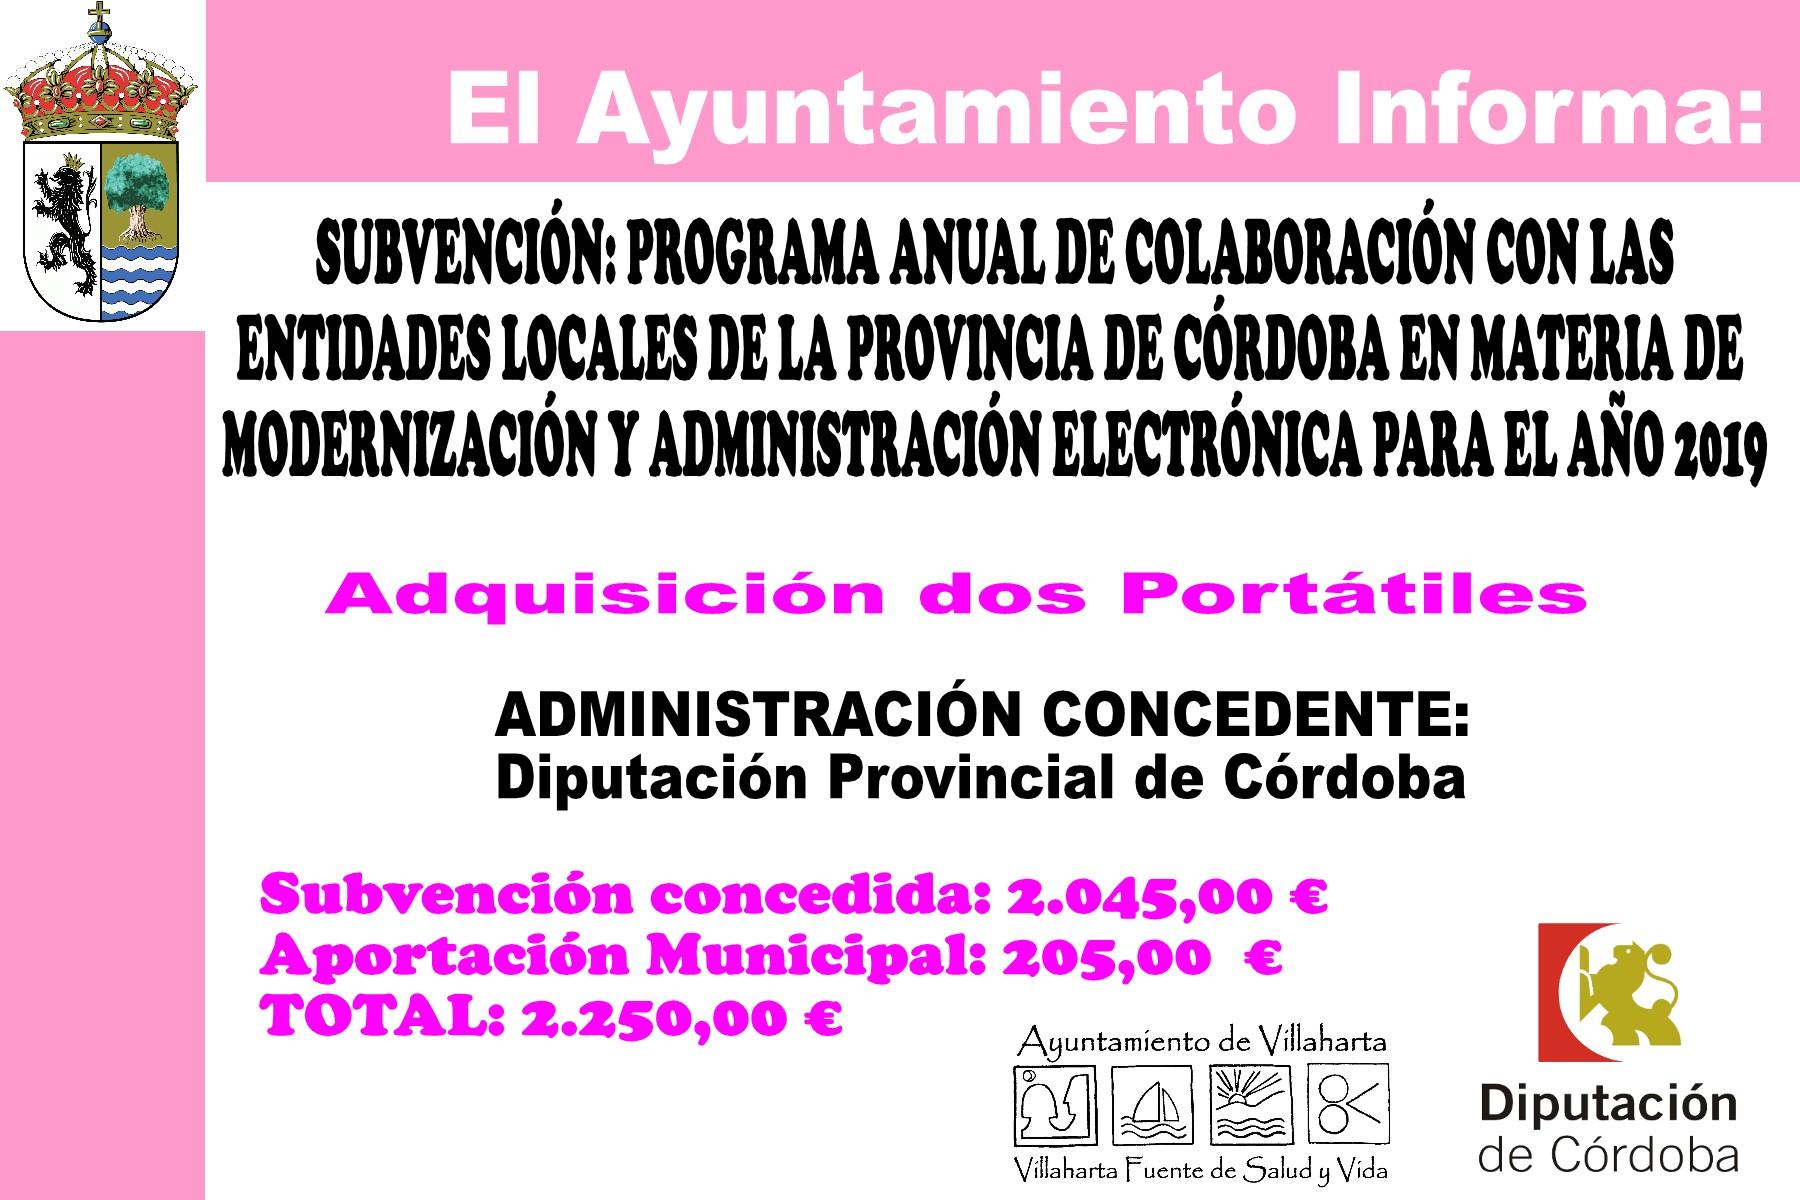 SUBVENCIONES RECIBIDAS 2019 22